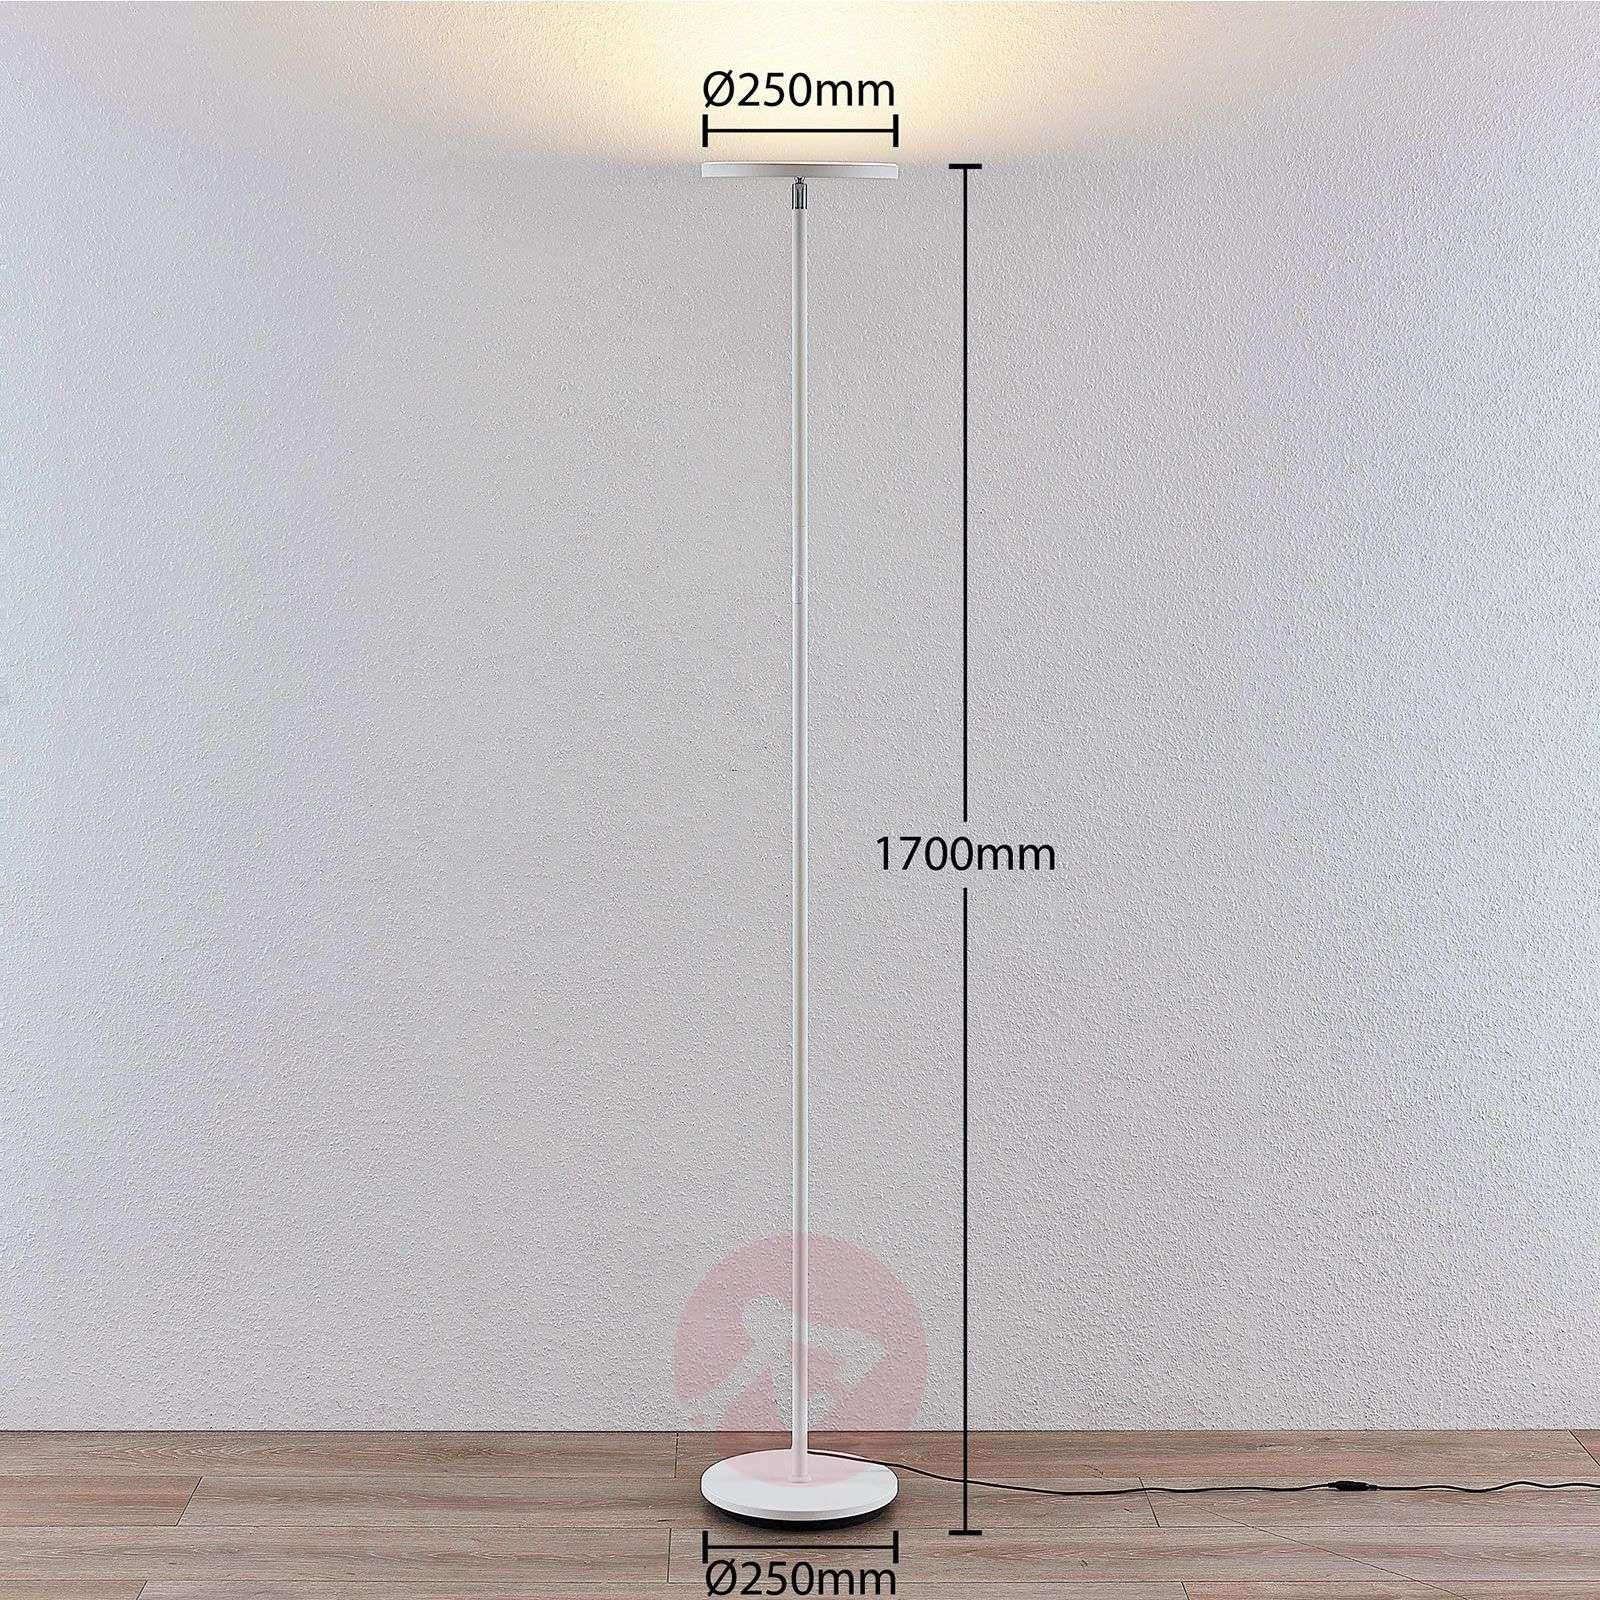 Arcchio Manon LED-lattiavalaisin, valkoinen-9966040-02